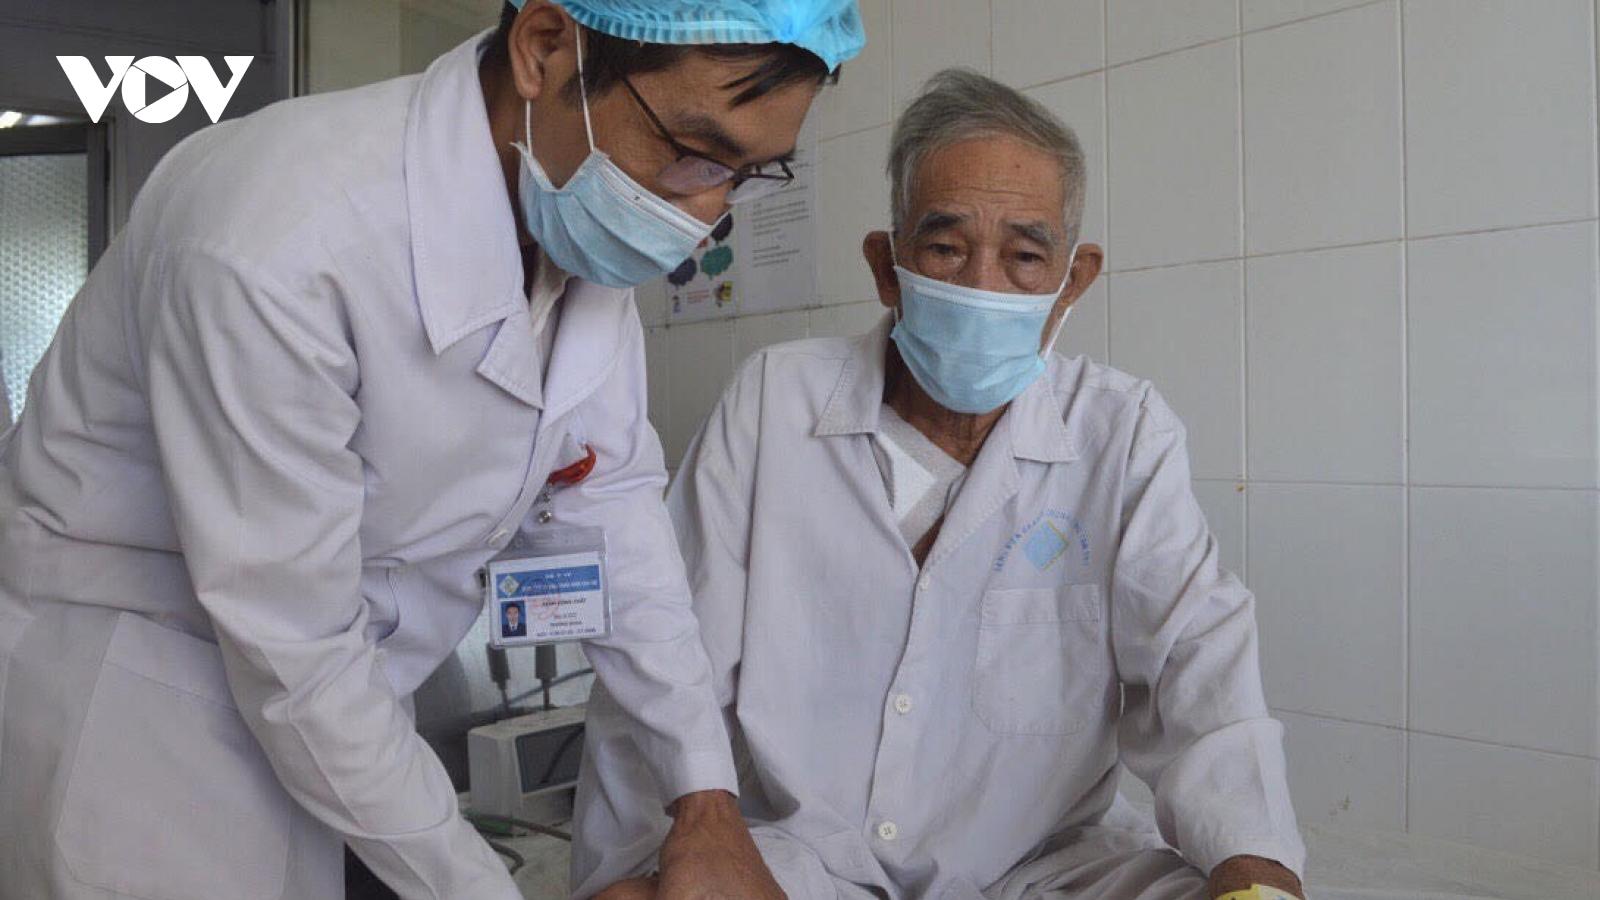 Phẫu thuật thành công cho cụ ông gần 80, thoát khỏi nguy cơ đoạn chi